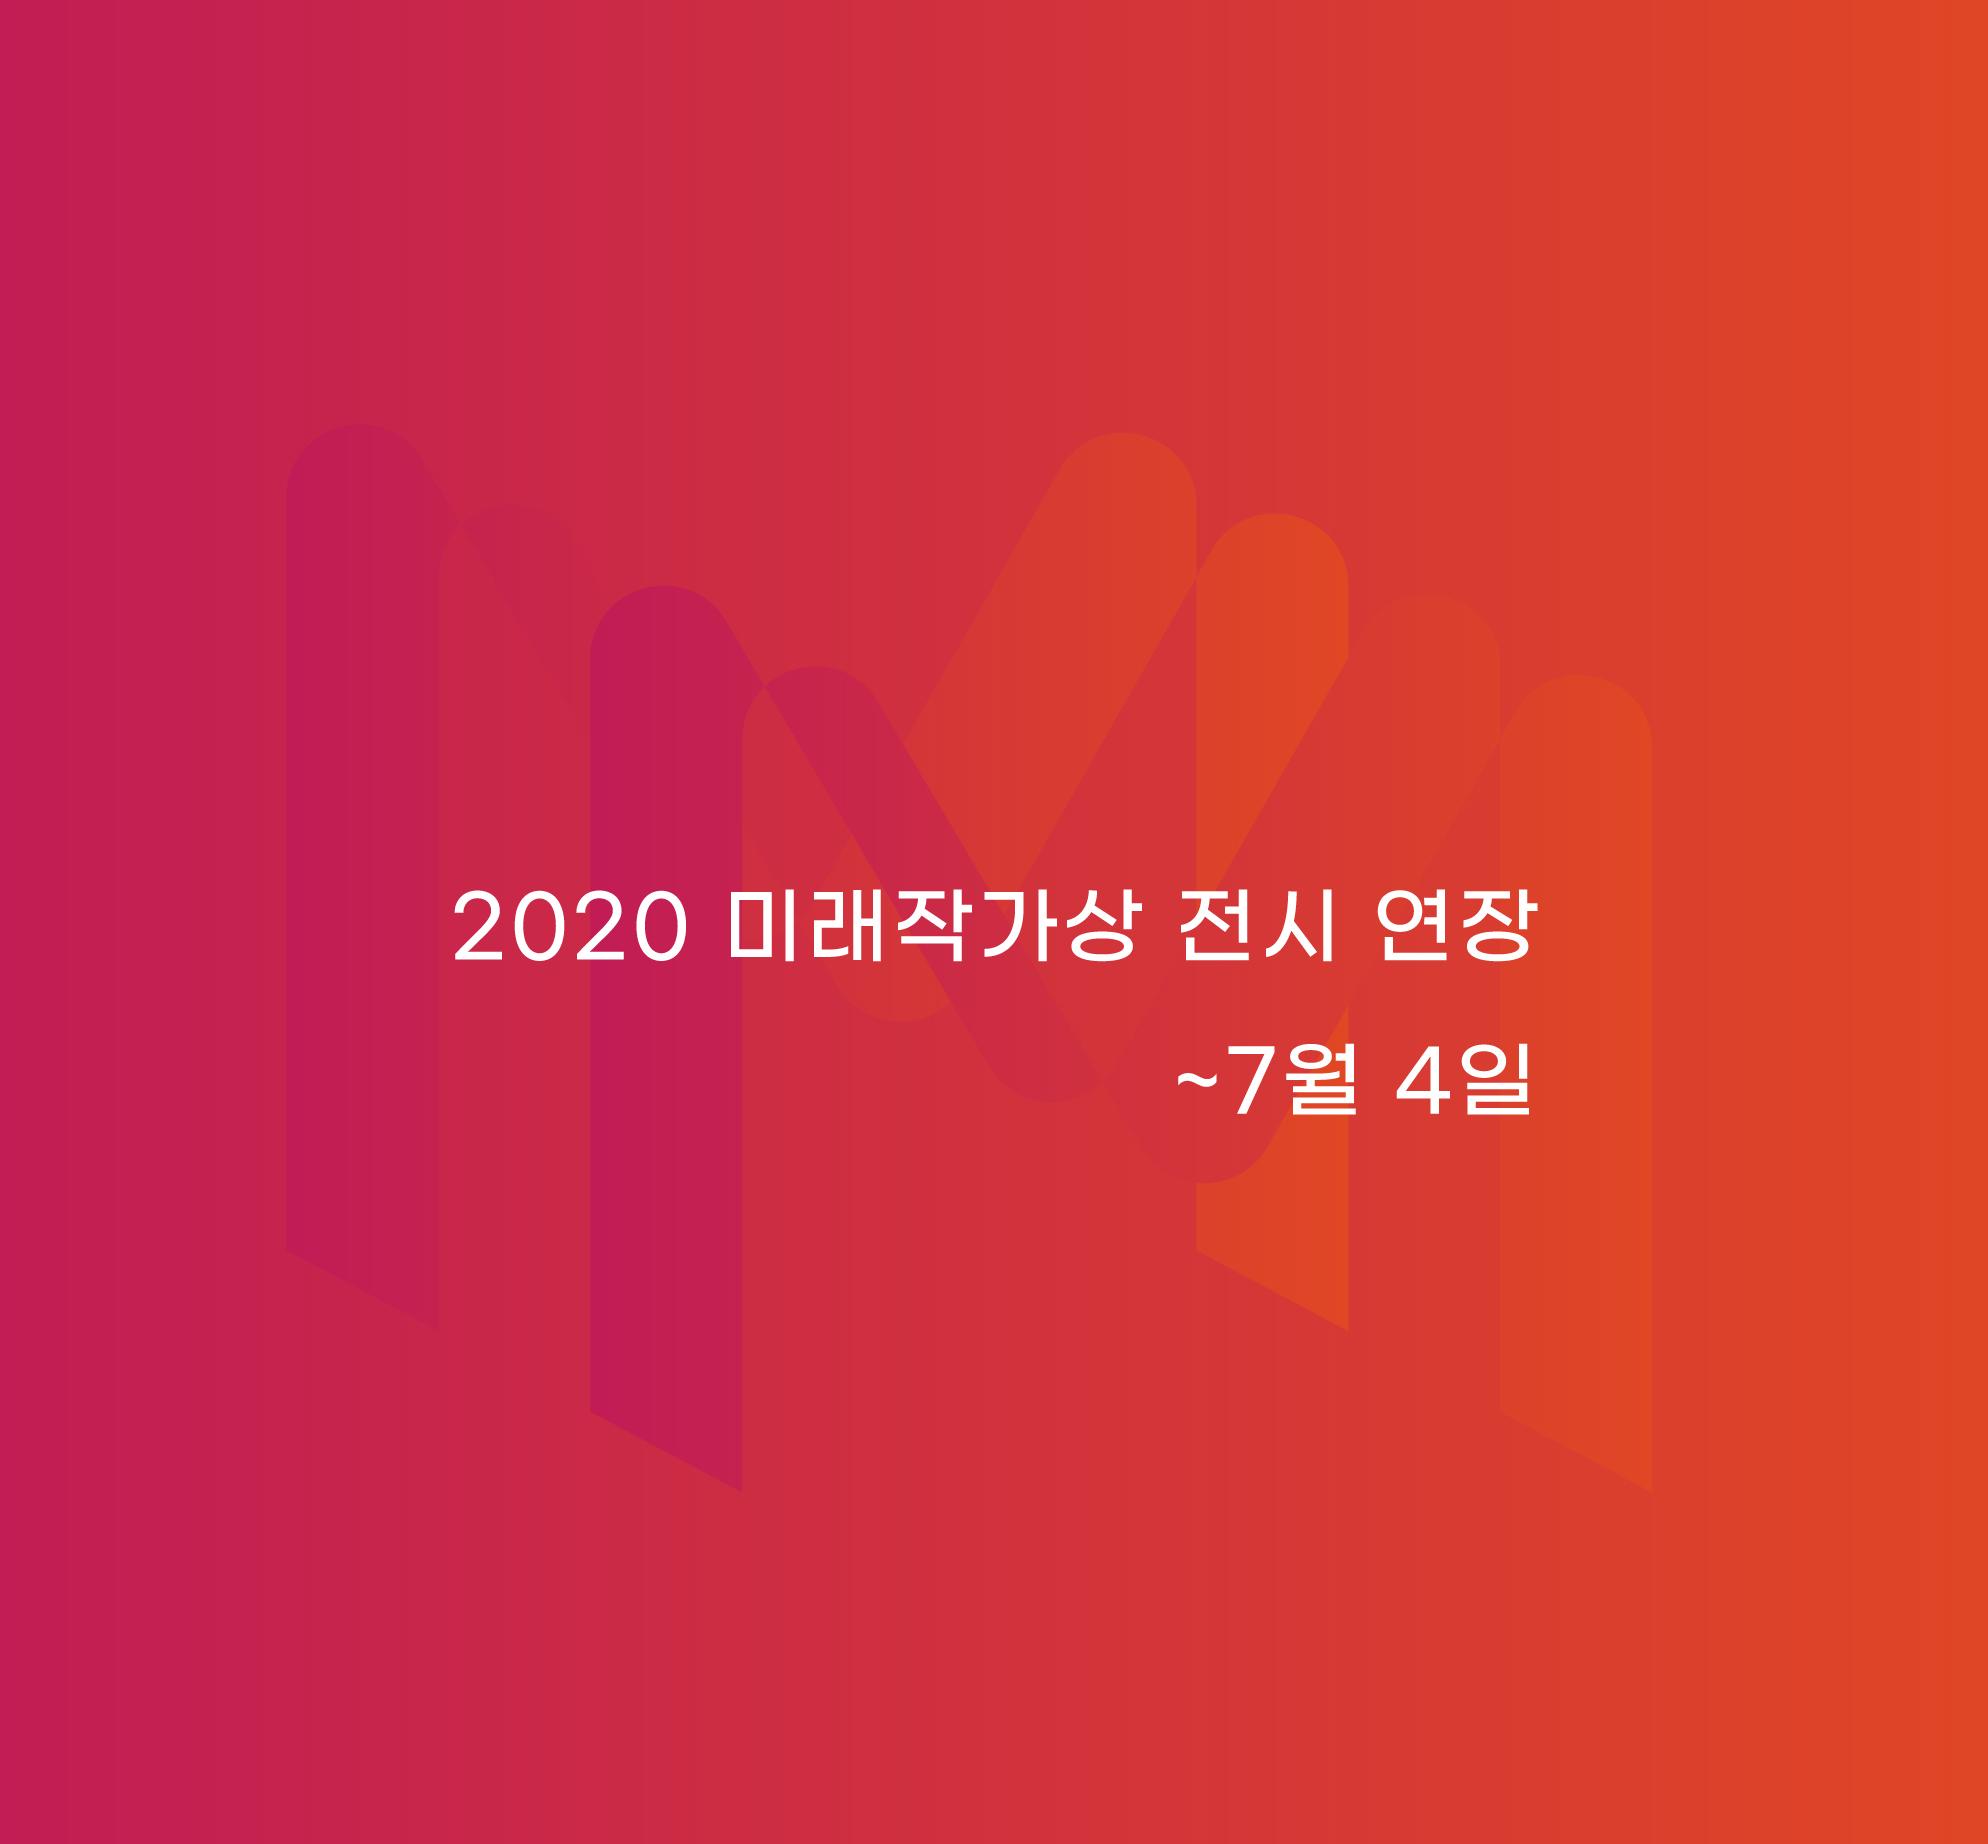 2020-전시연장